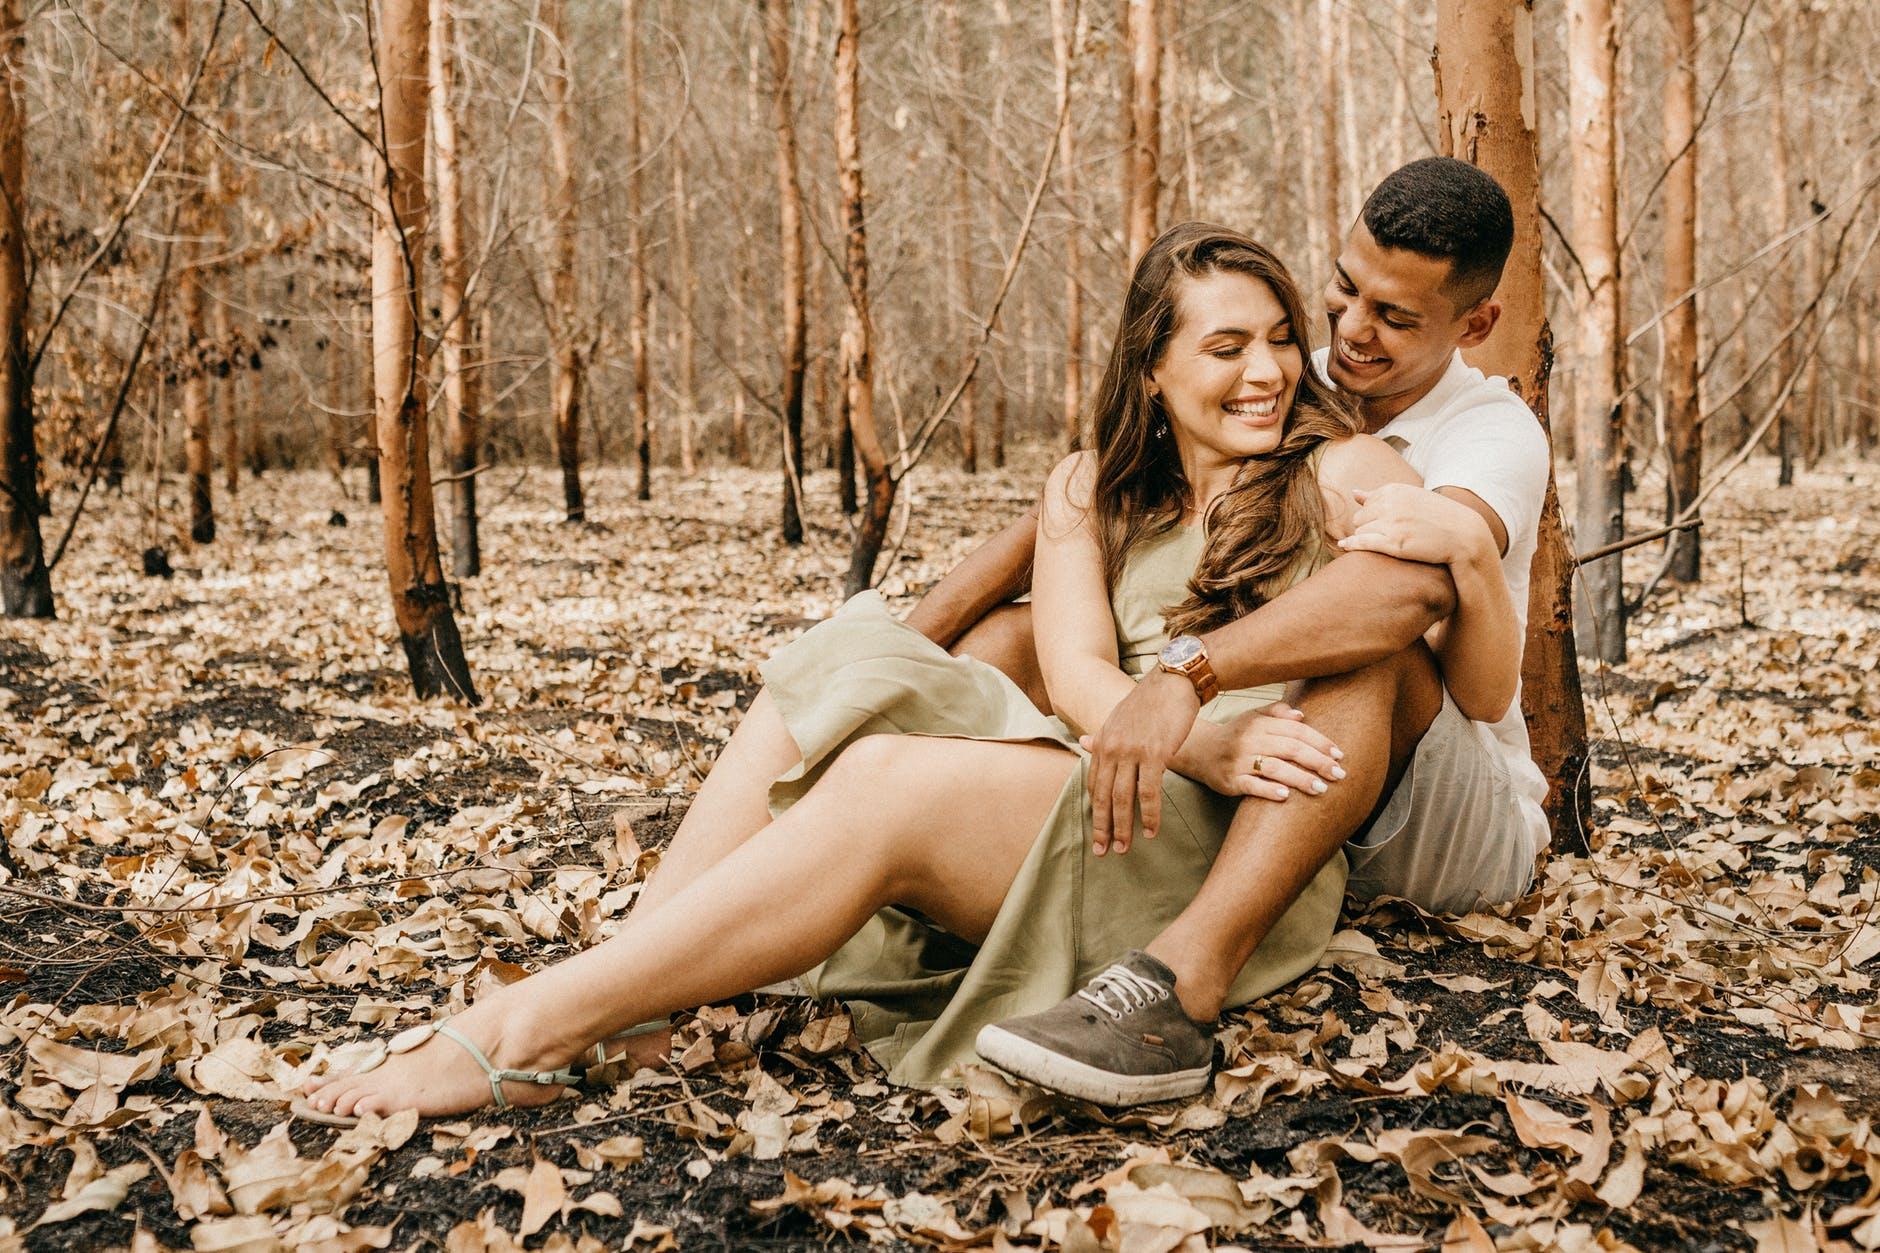 O AMOR torna as pessoas realmente mais felizes? Entenda a relação entre amor e felicidade